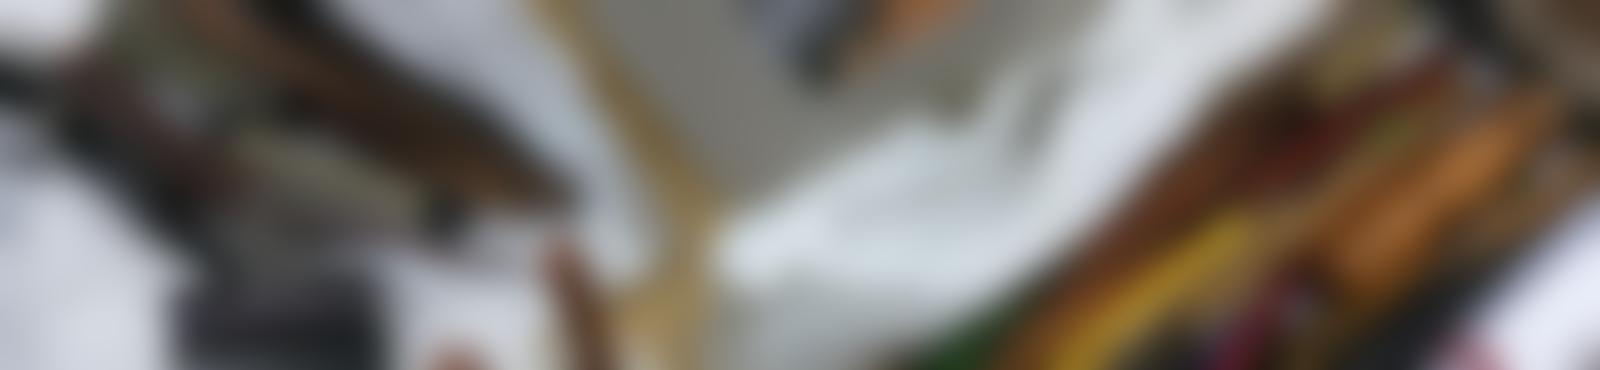 Blurred 25af3bf2 72ae 4177 8c20 62ded362603b